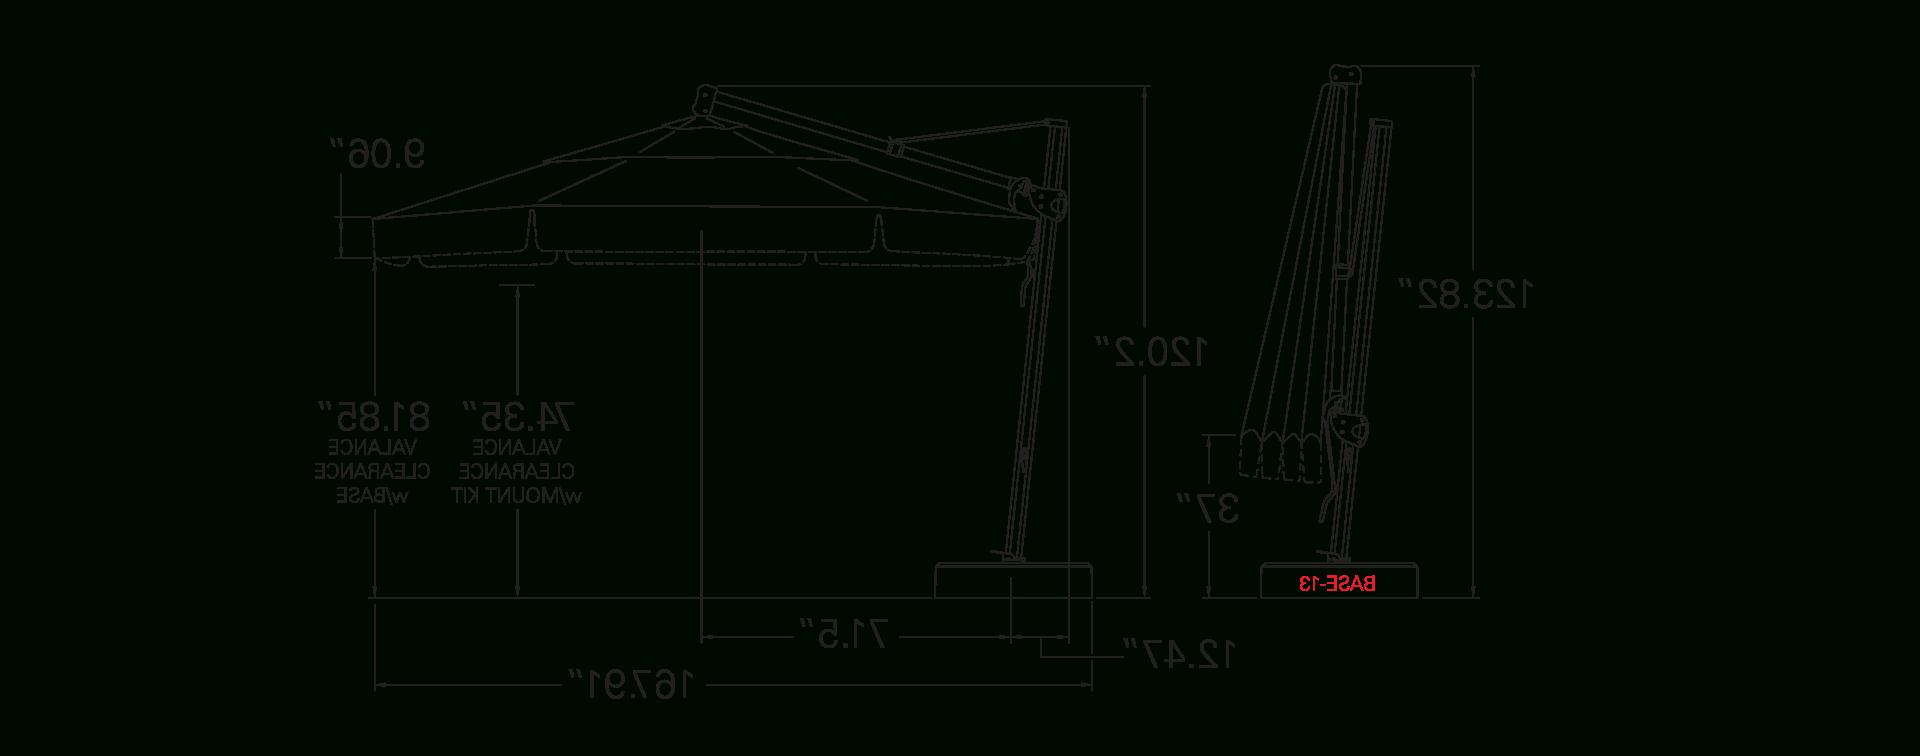 Lennie Cantilever Sunbrella Umbrellas Throughout Popular Akz13 Cantilever (View 10 of 20)